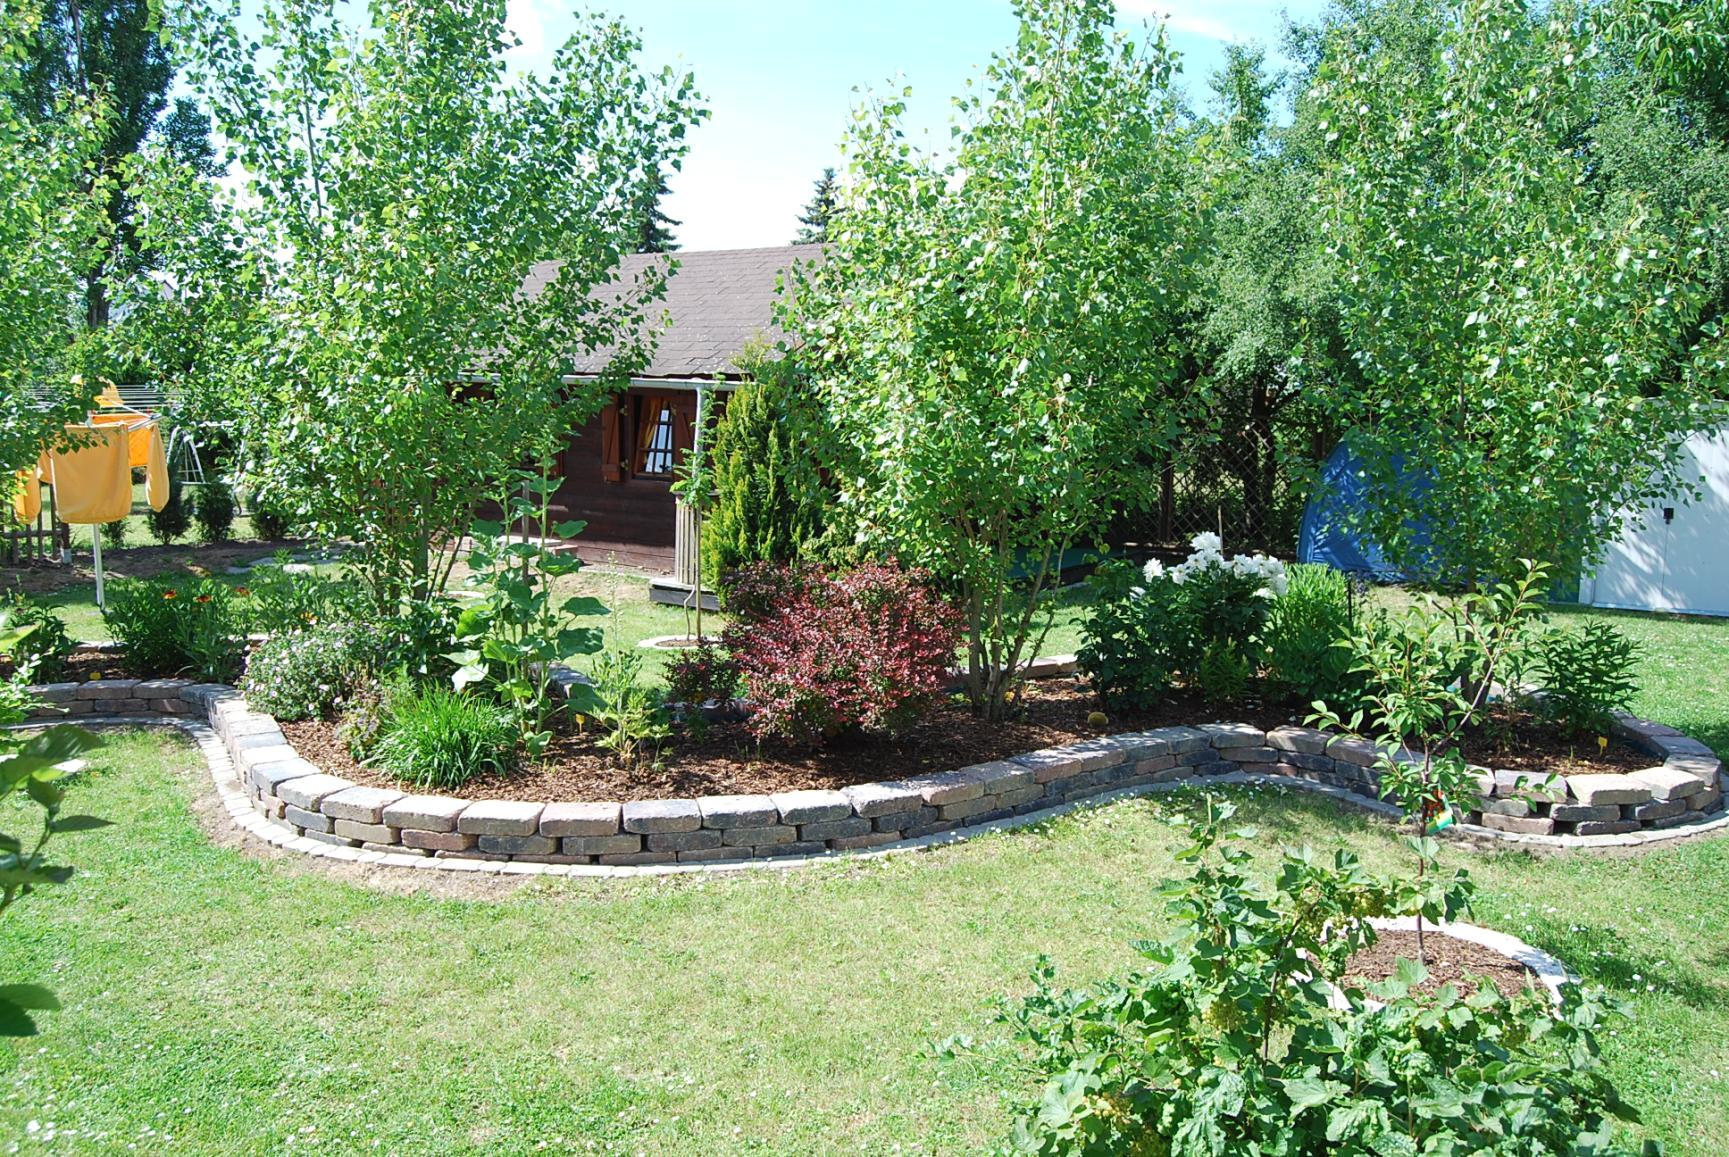 Gartengestaltung ideen bilder Bilder und Sprüche für Whatsapp und Facebook kostenlos ~ 03104329_Gartengestaltung Ideen Kostenlos